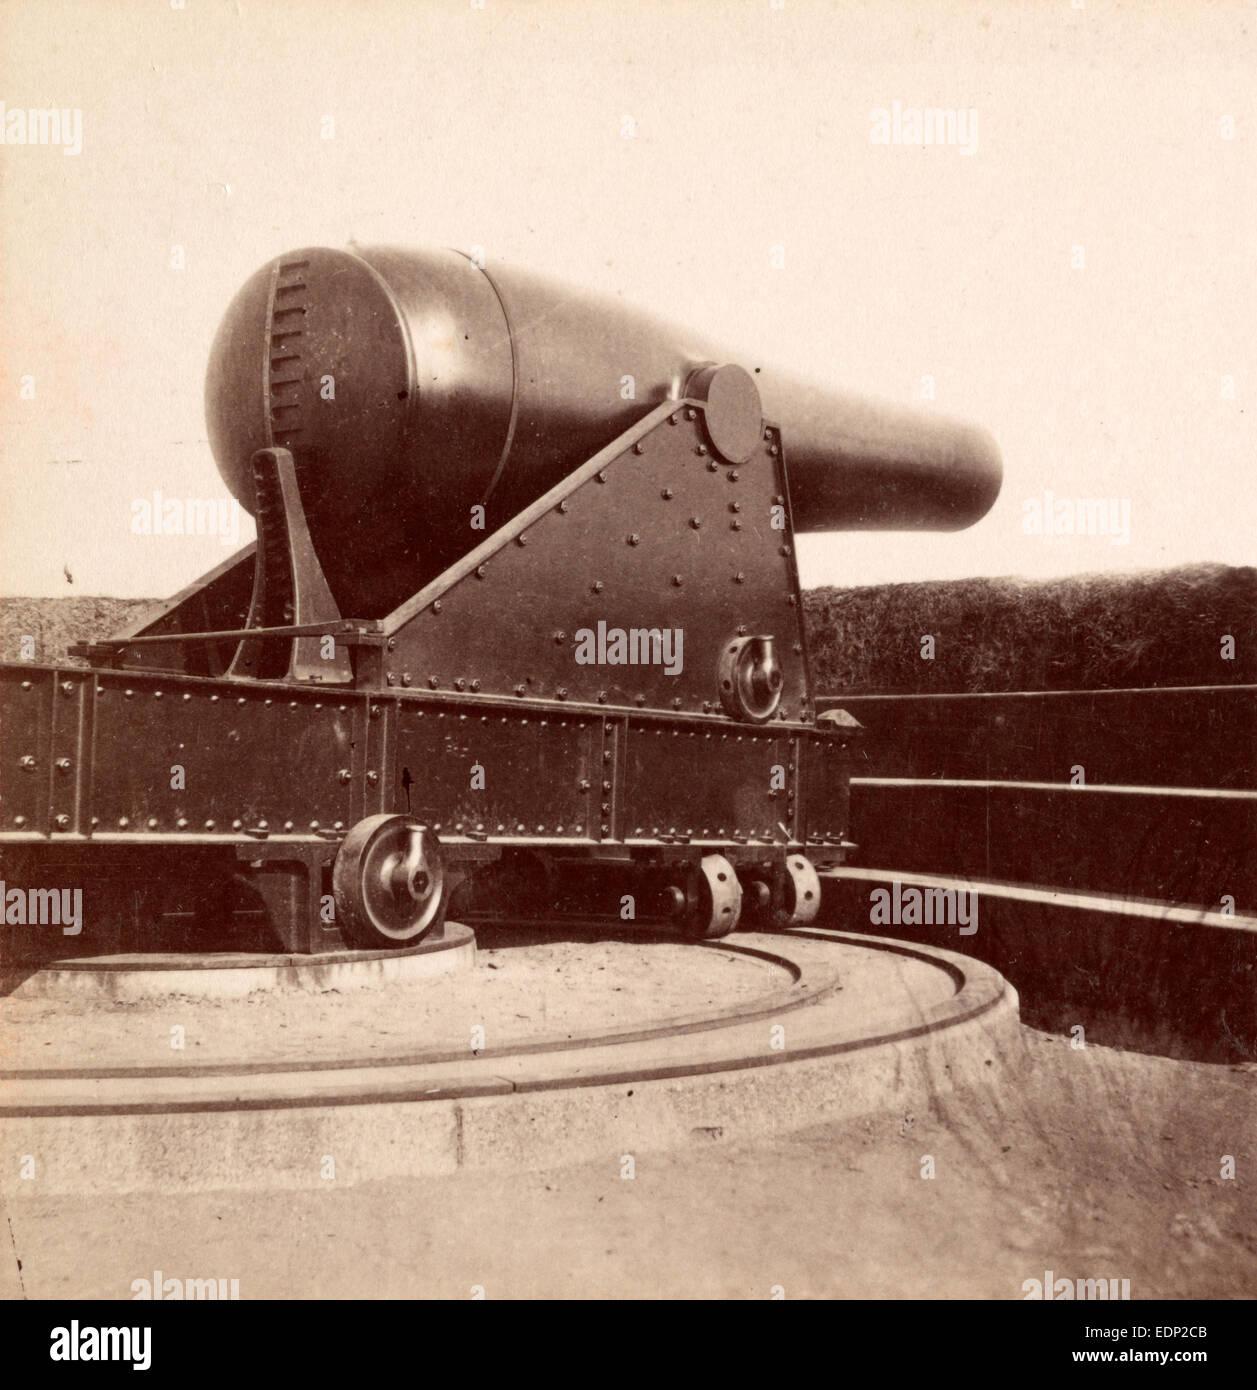 Pistola de 15 pulgadas en la batería Rodgers en el Potomac, EE.UU., US, Vintage photography Imagen De Stock